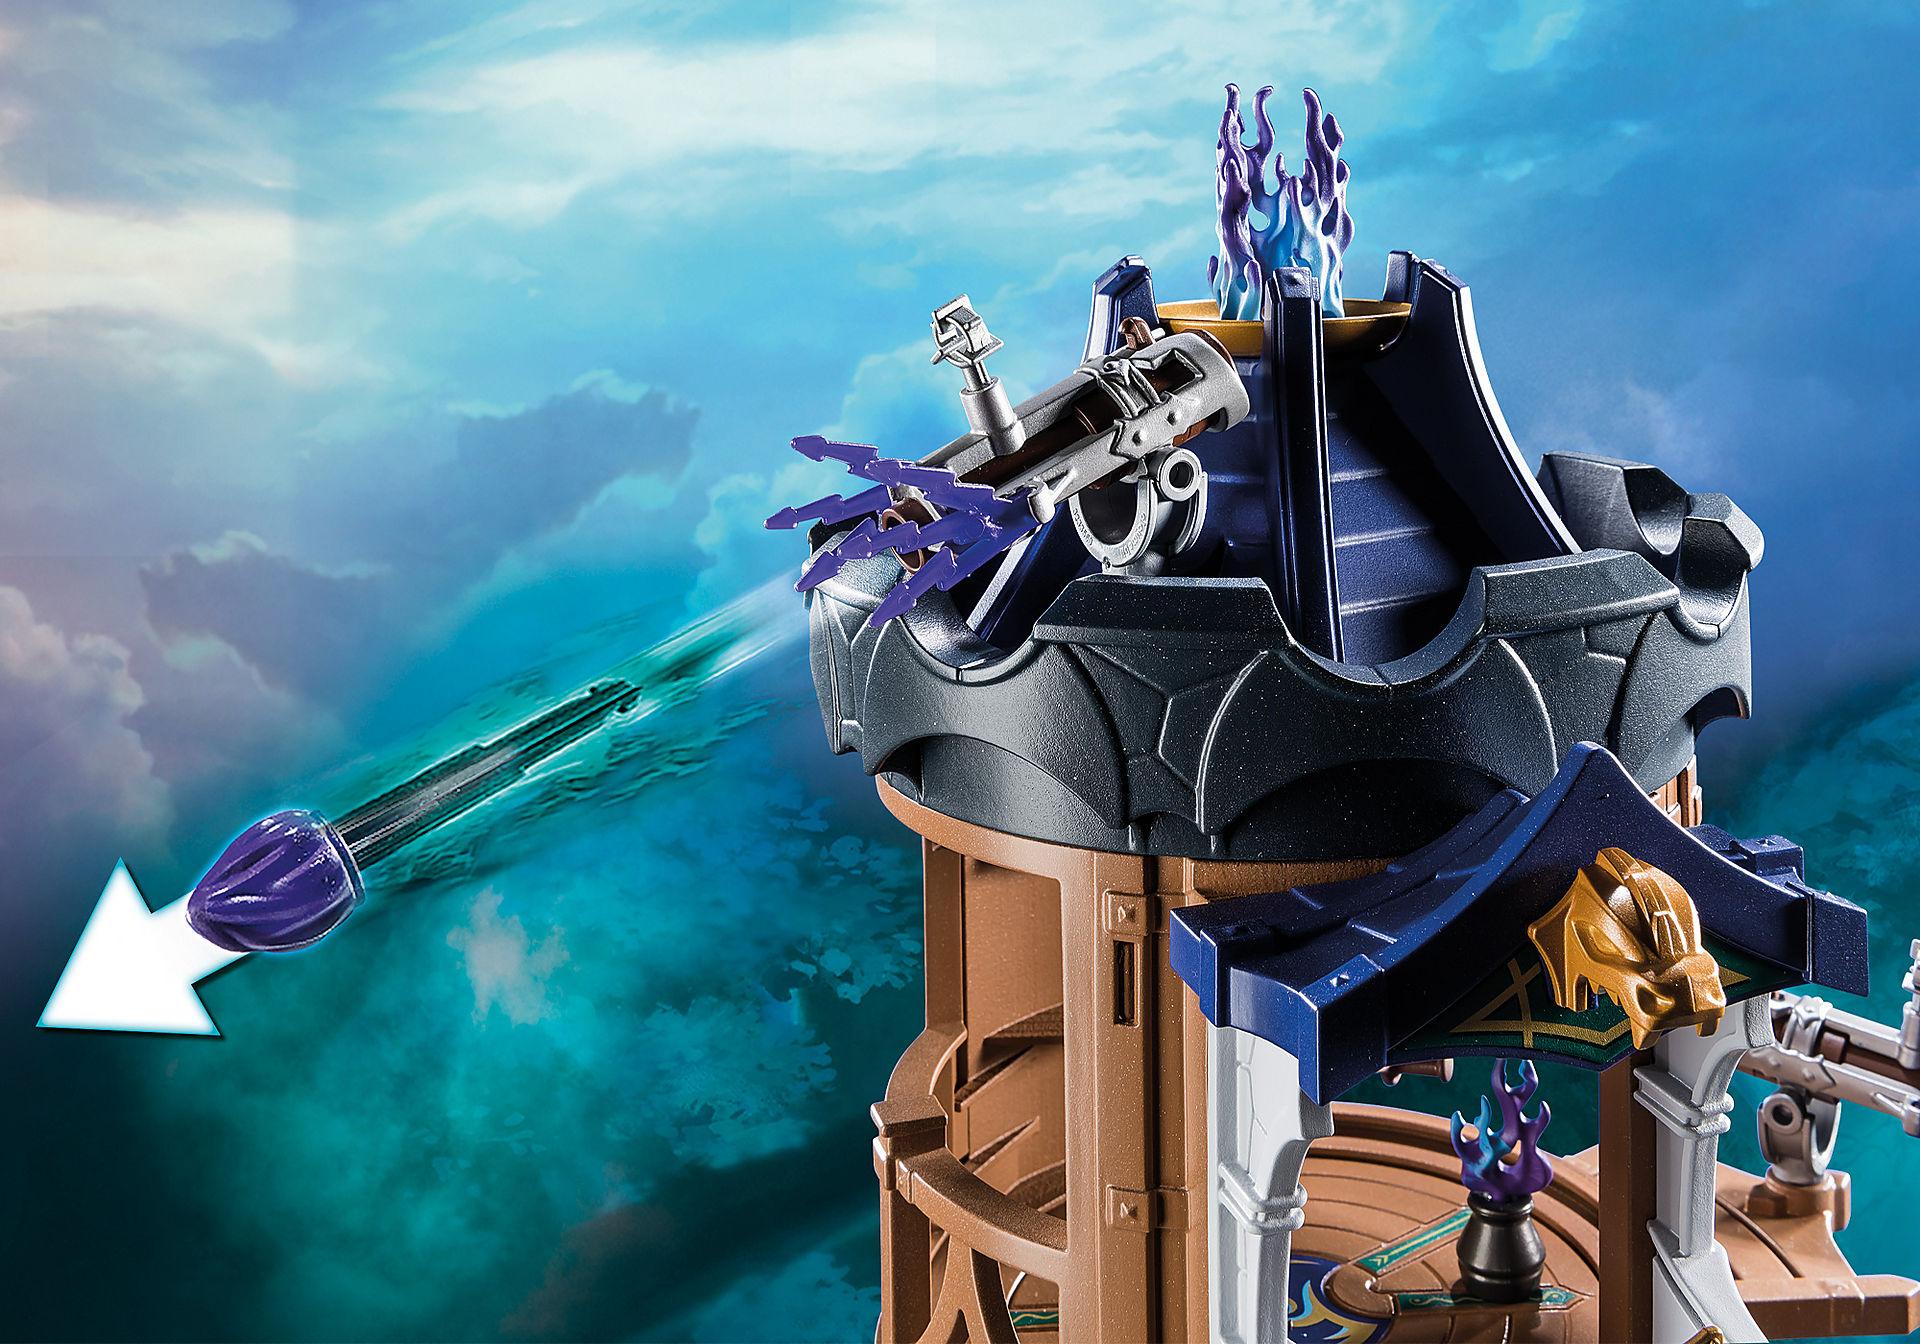 70745 Violet Vale - Wieża czarodzieja zoom image6